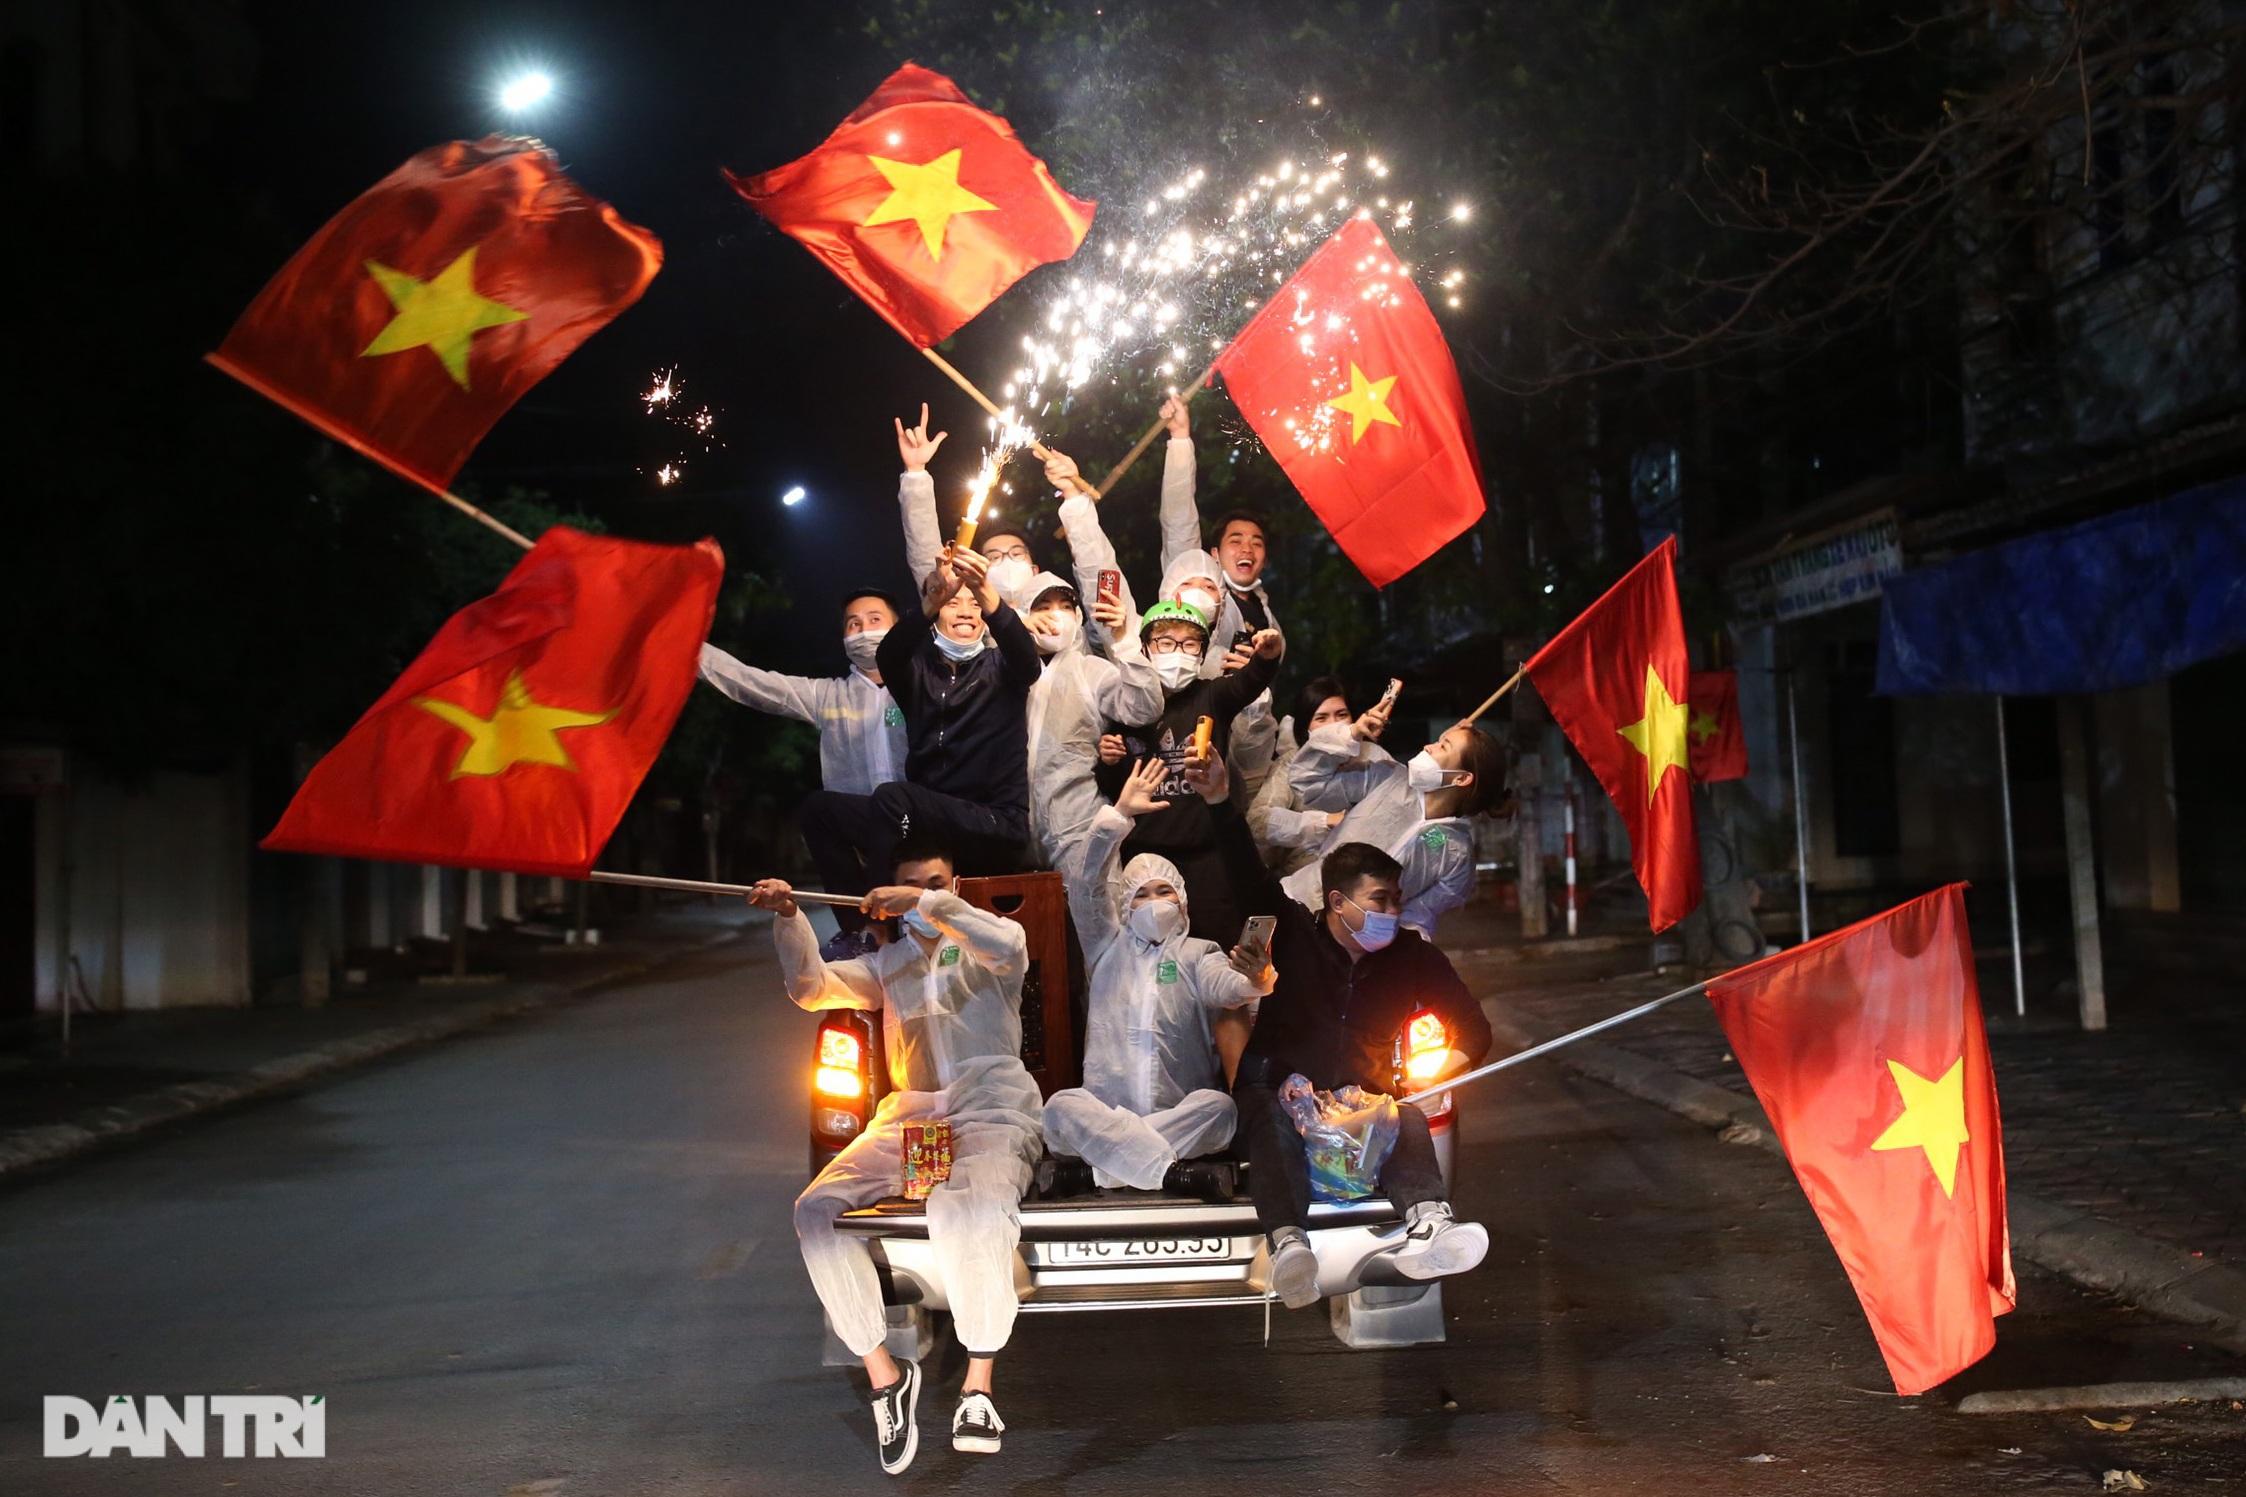 Cờ hoa rực rỡ, người dân vỡ òa cảm xúc khi TP Chí Linh được gỡ phong tỏa - 17